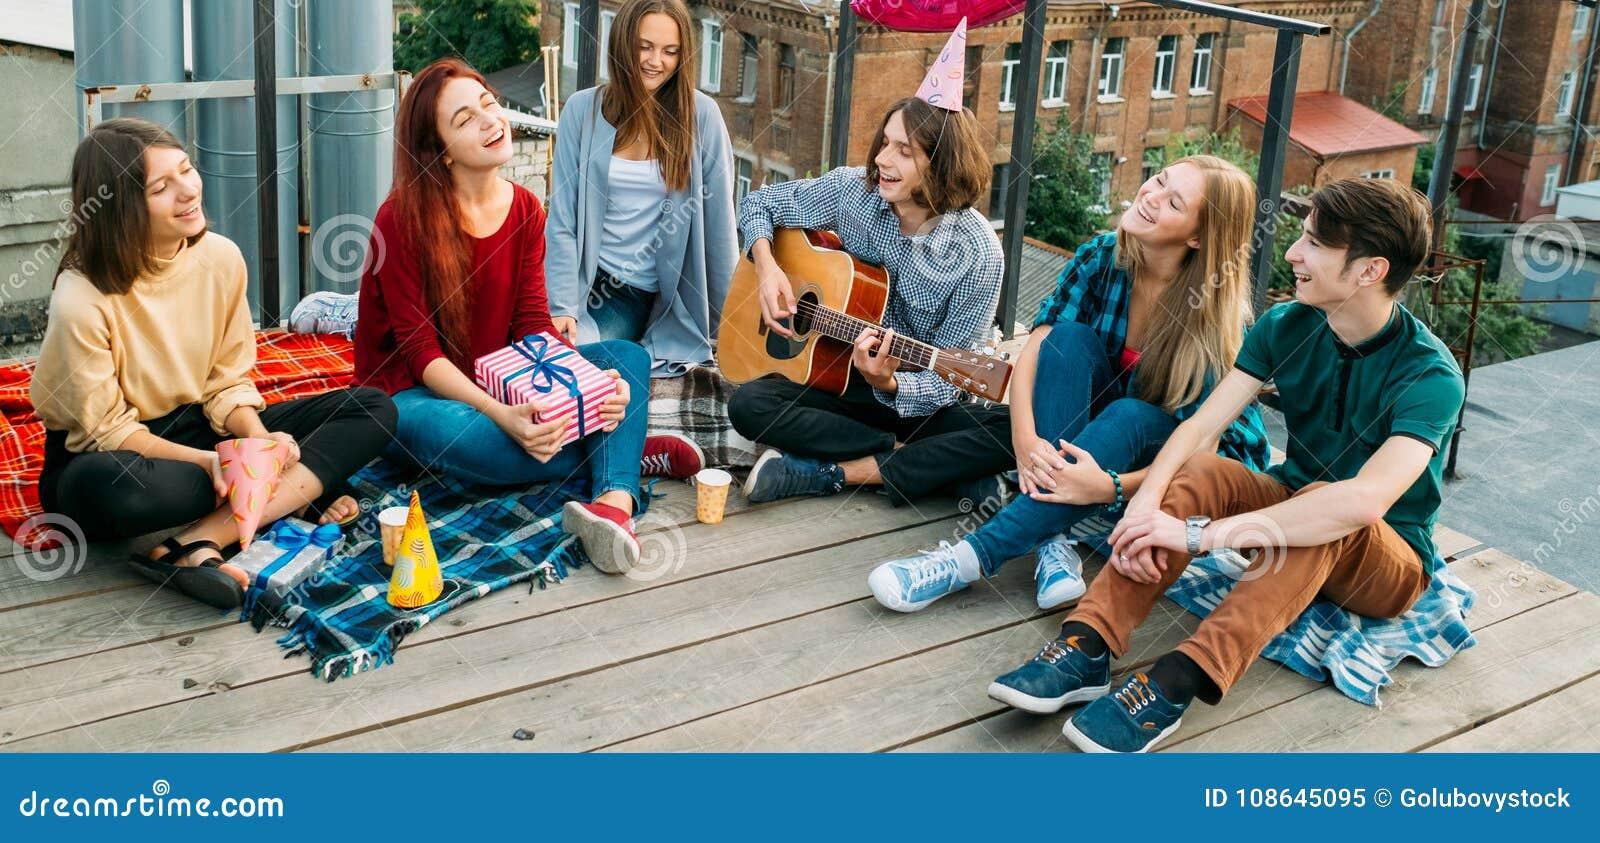 Młodość czas wolny beztroski śpiewa relaksuje alternatywnego widok